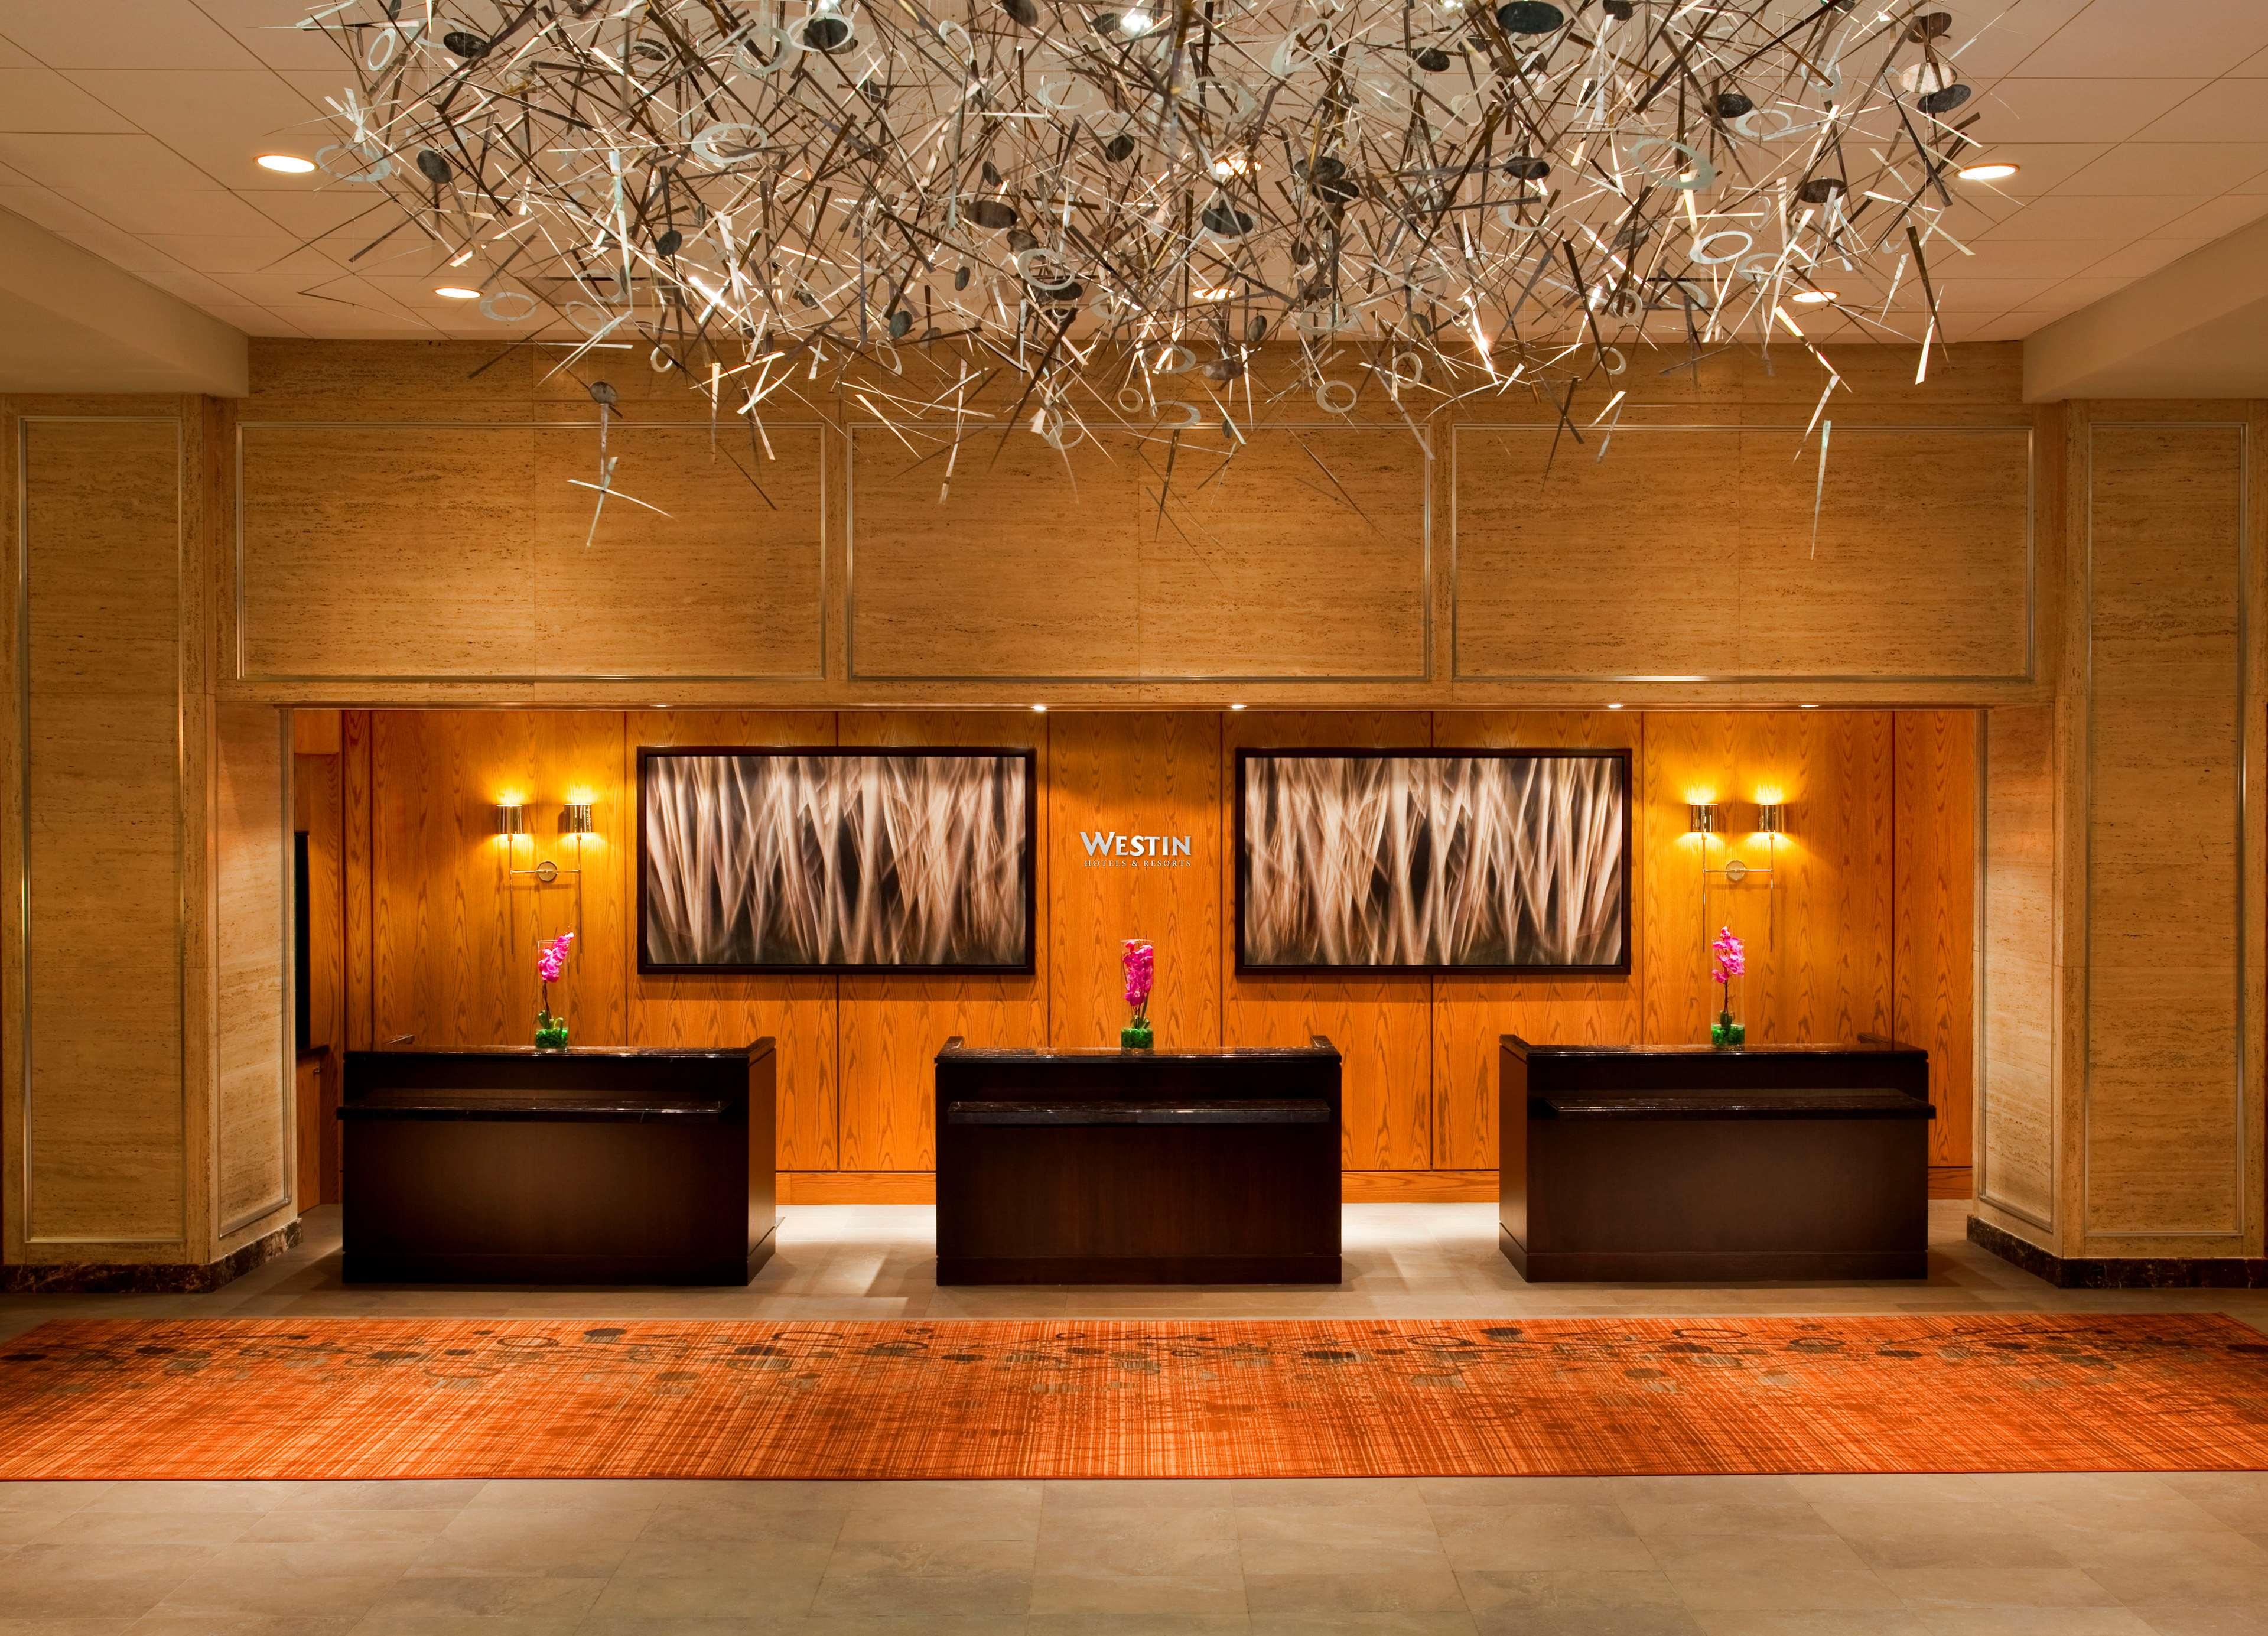 The Westin Galleria Houston image 1